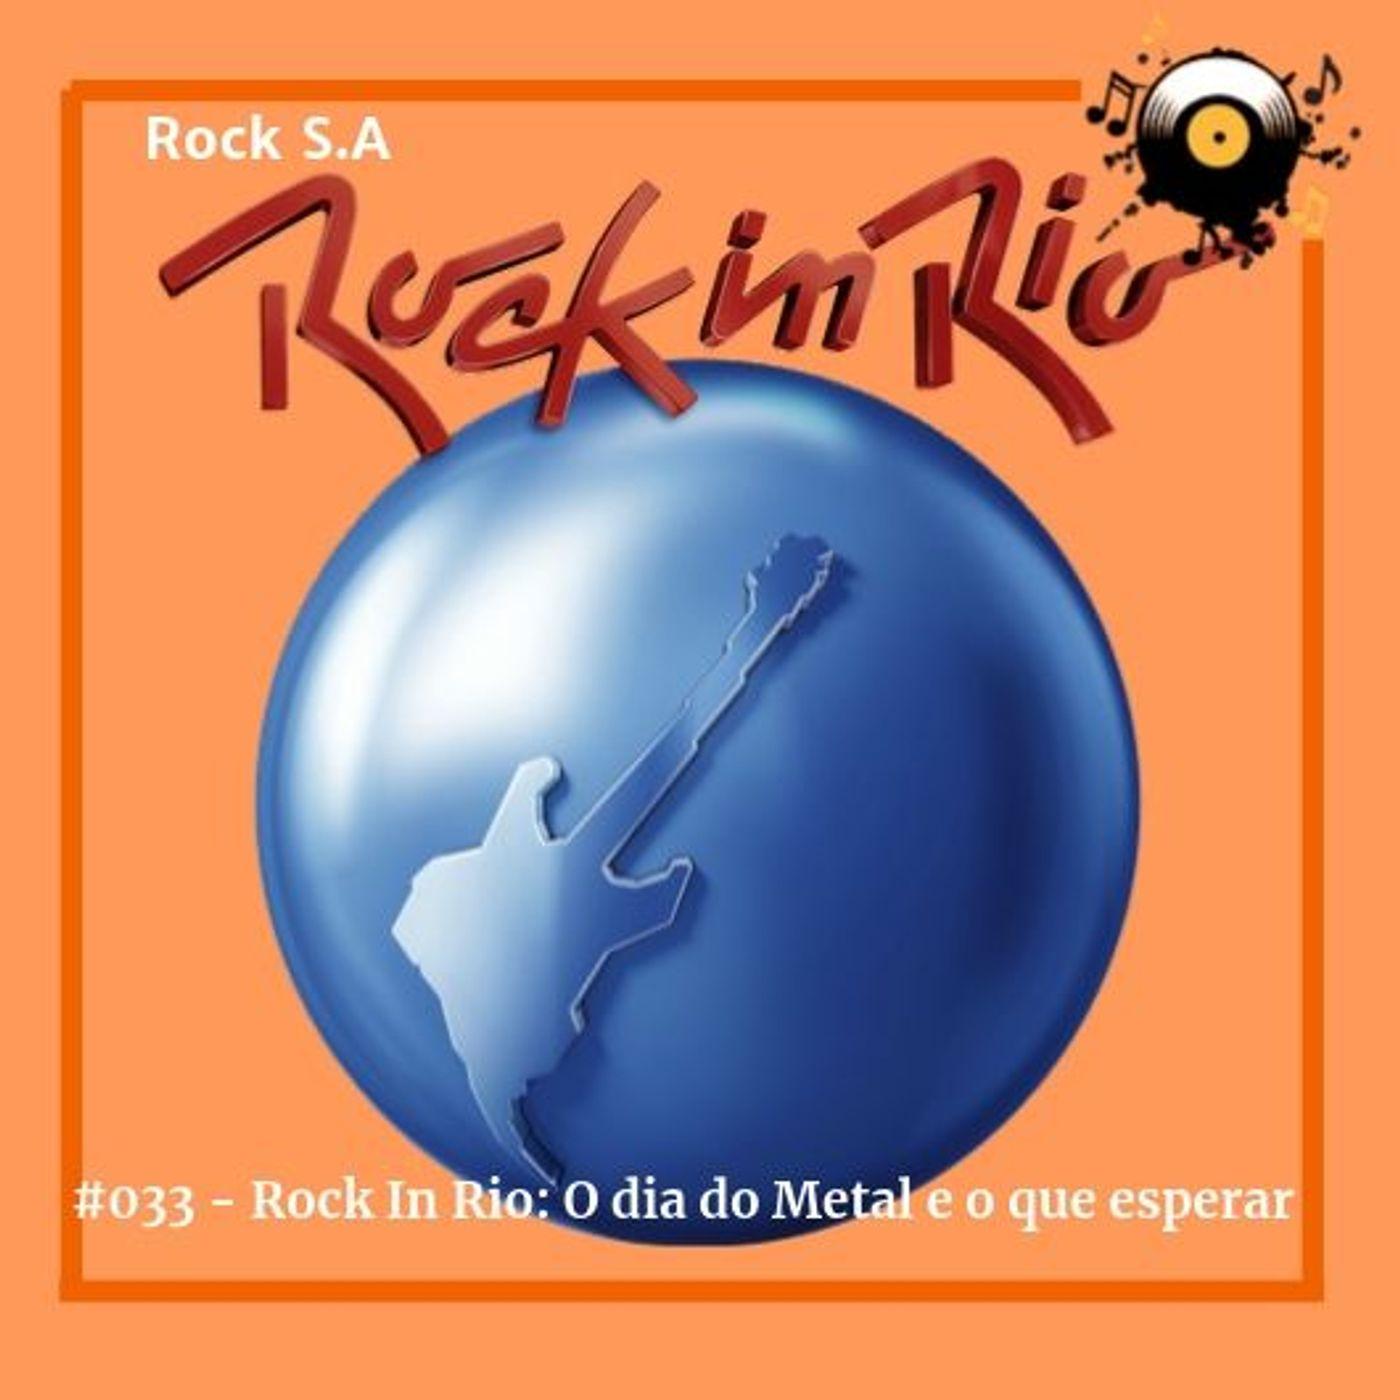 #033 - Rock In Rio 2019: A volta do Dia do Metal e o que esperardo festival